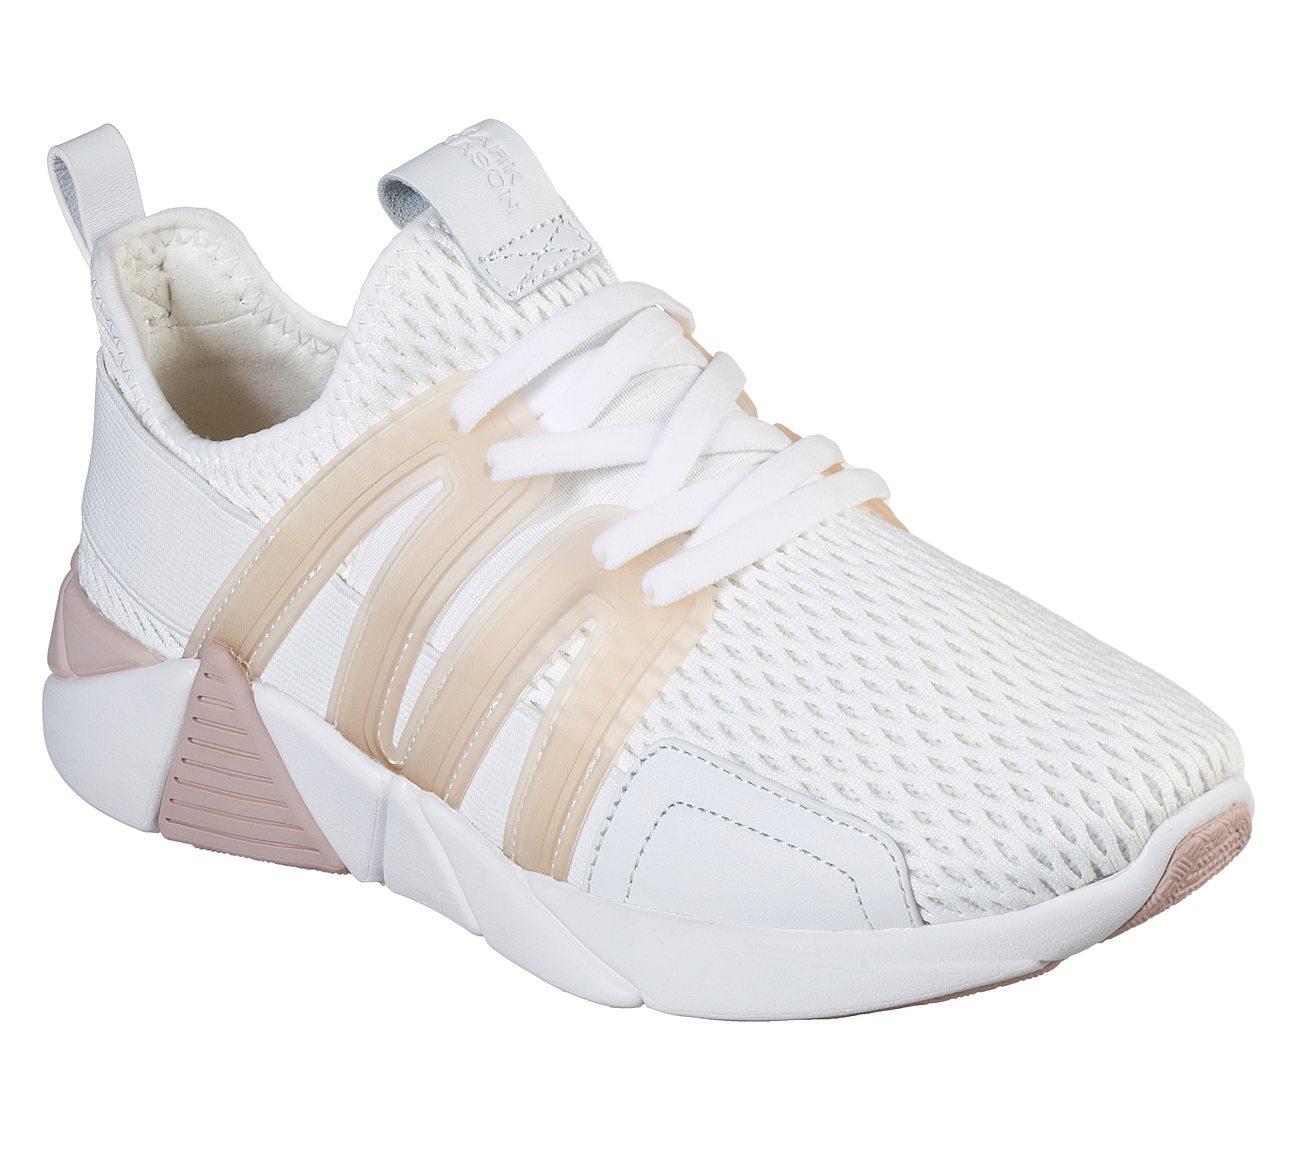 Buy SKECHERS A-Line - Base Mark Nason Shoes